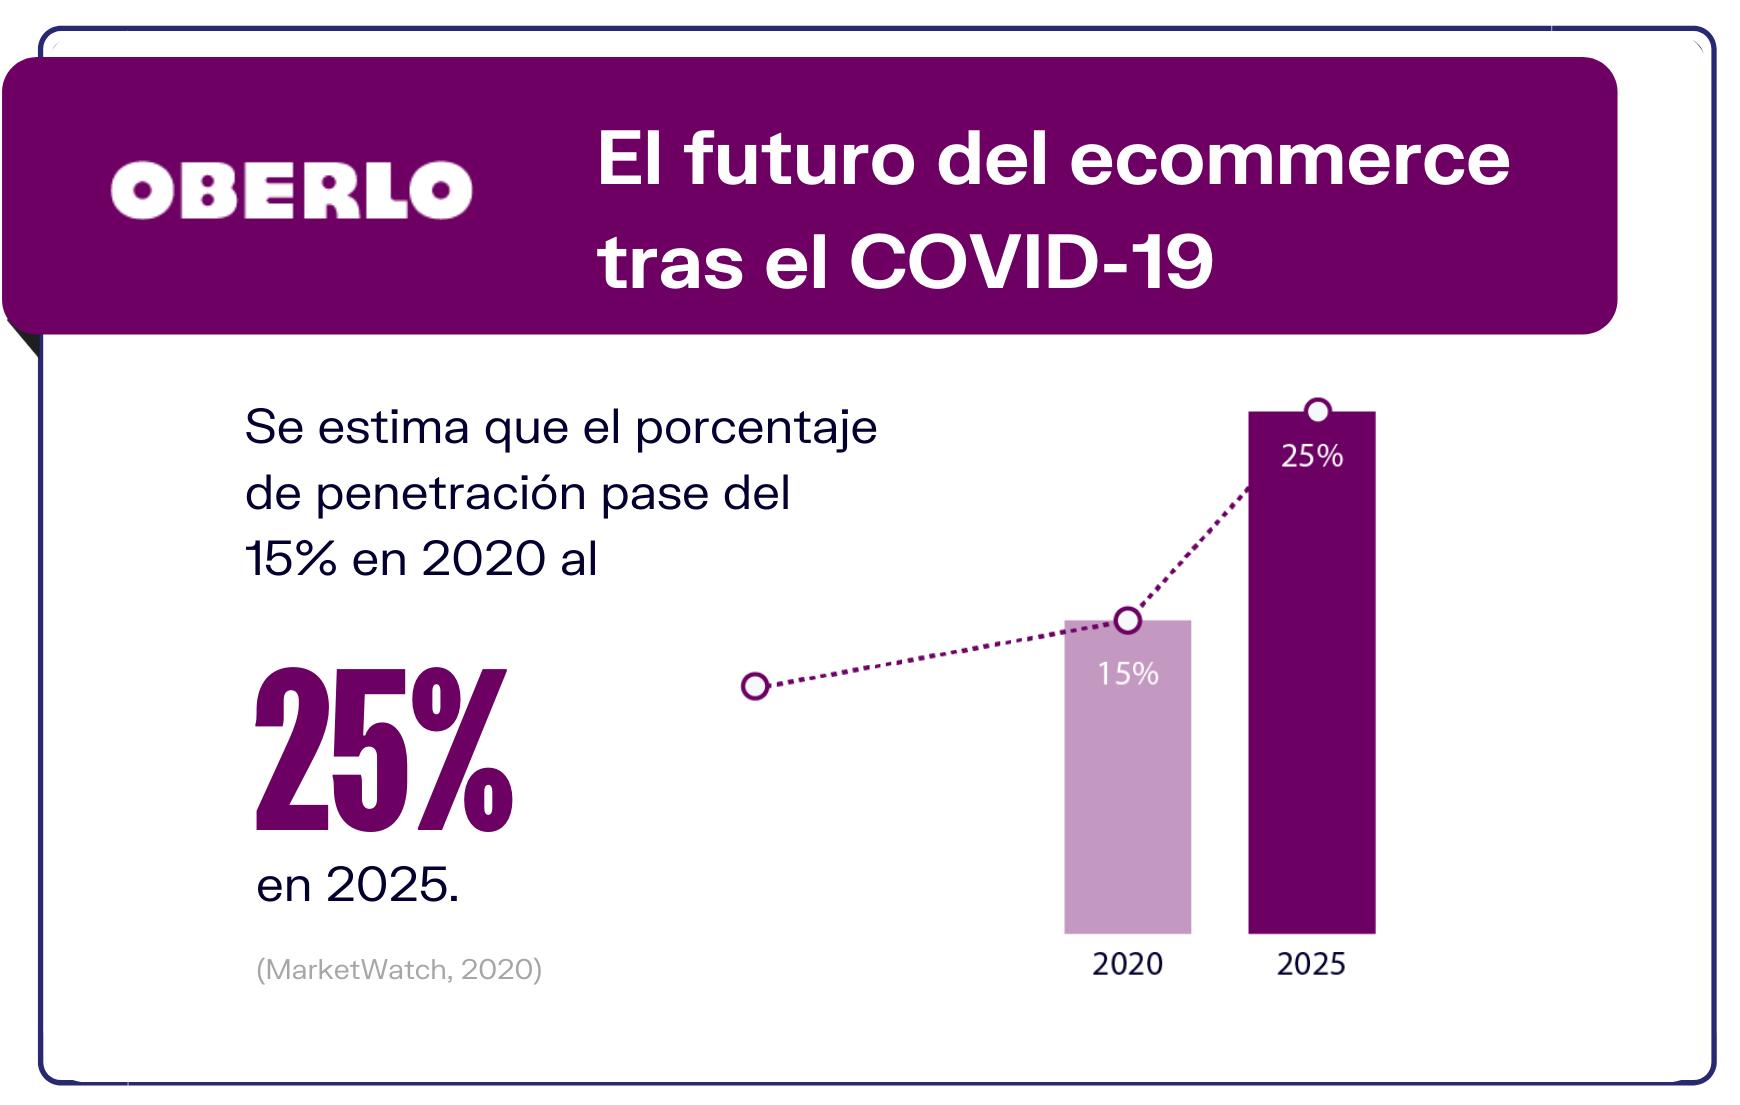 2.El futuro del Ecommerce post Covid-19